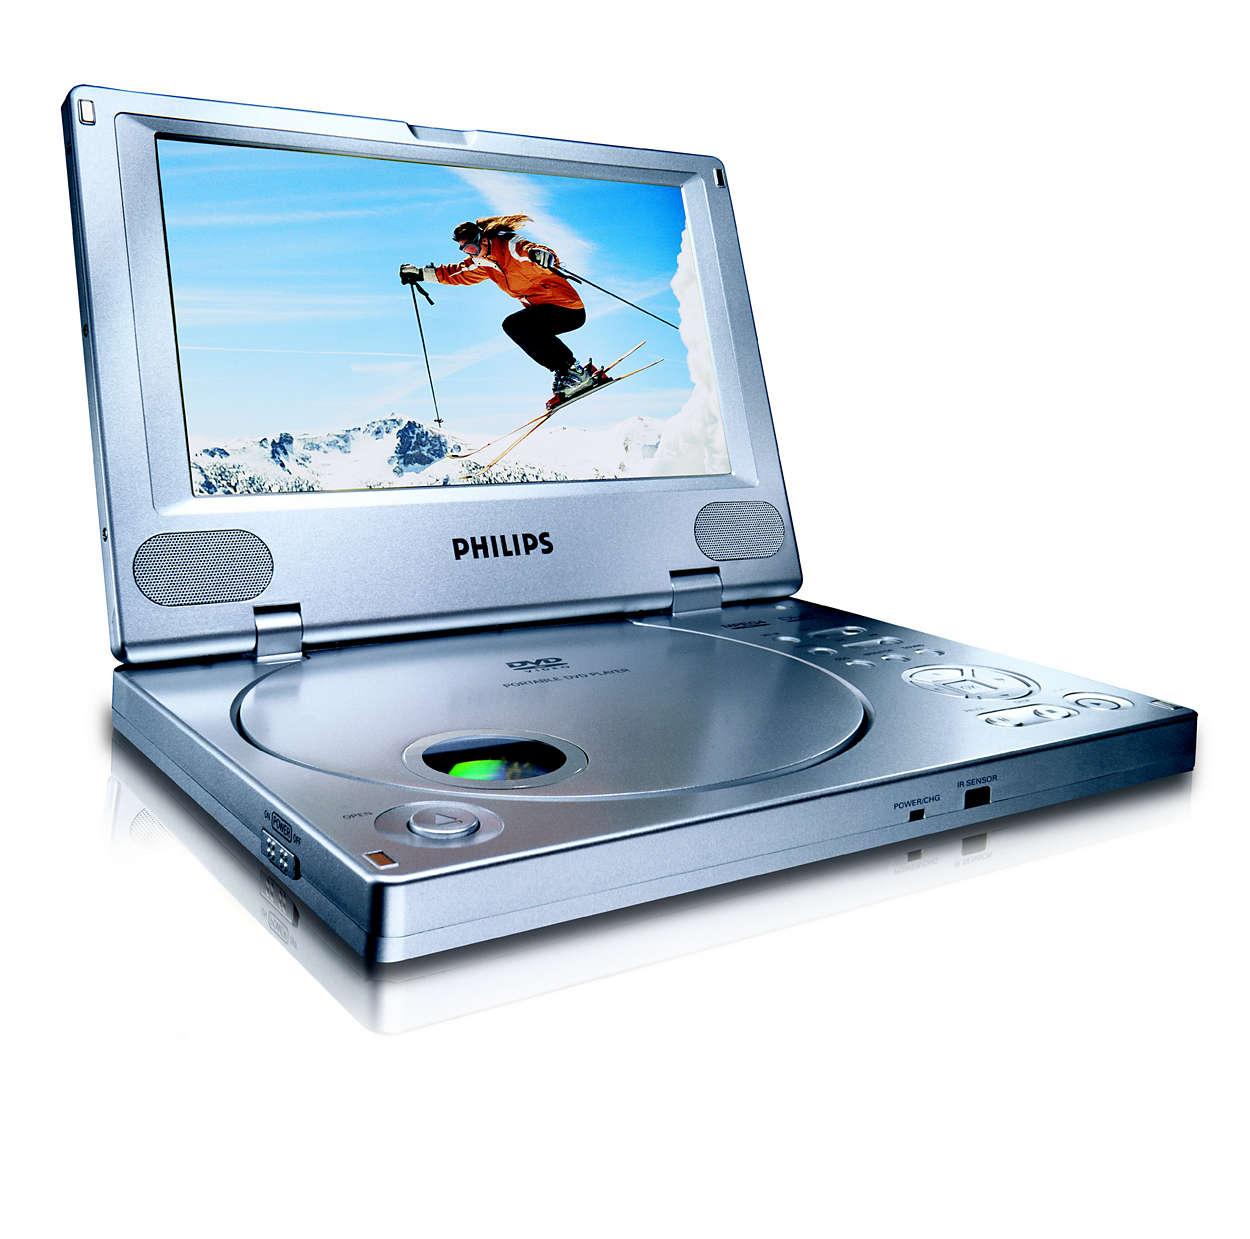 Απολαύστε DVD και ψηφιακά βίντεο όπου και αν βρίσκεστε